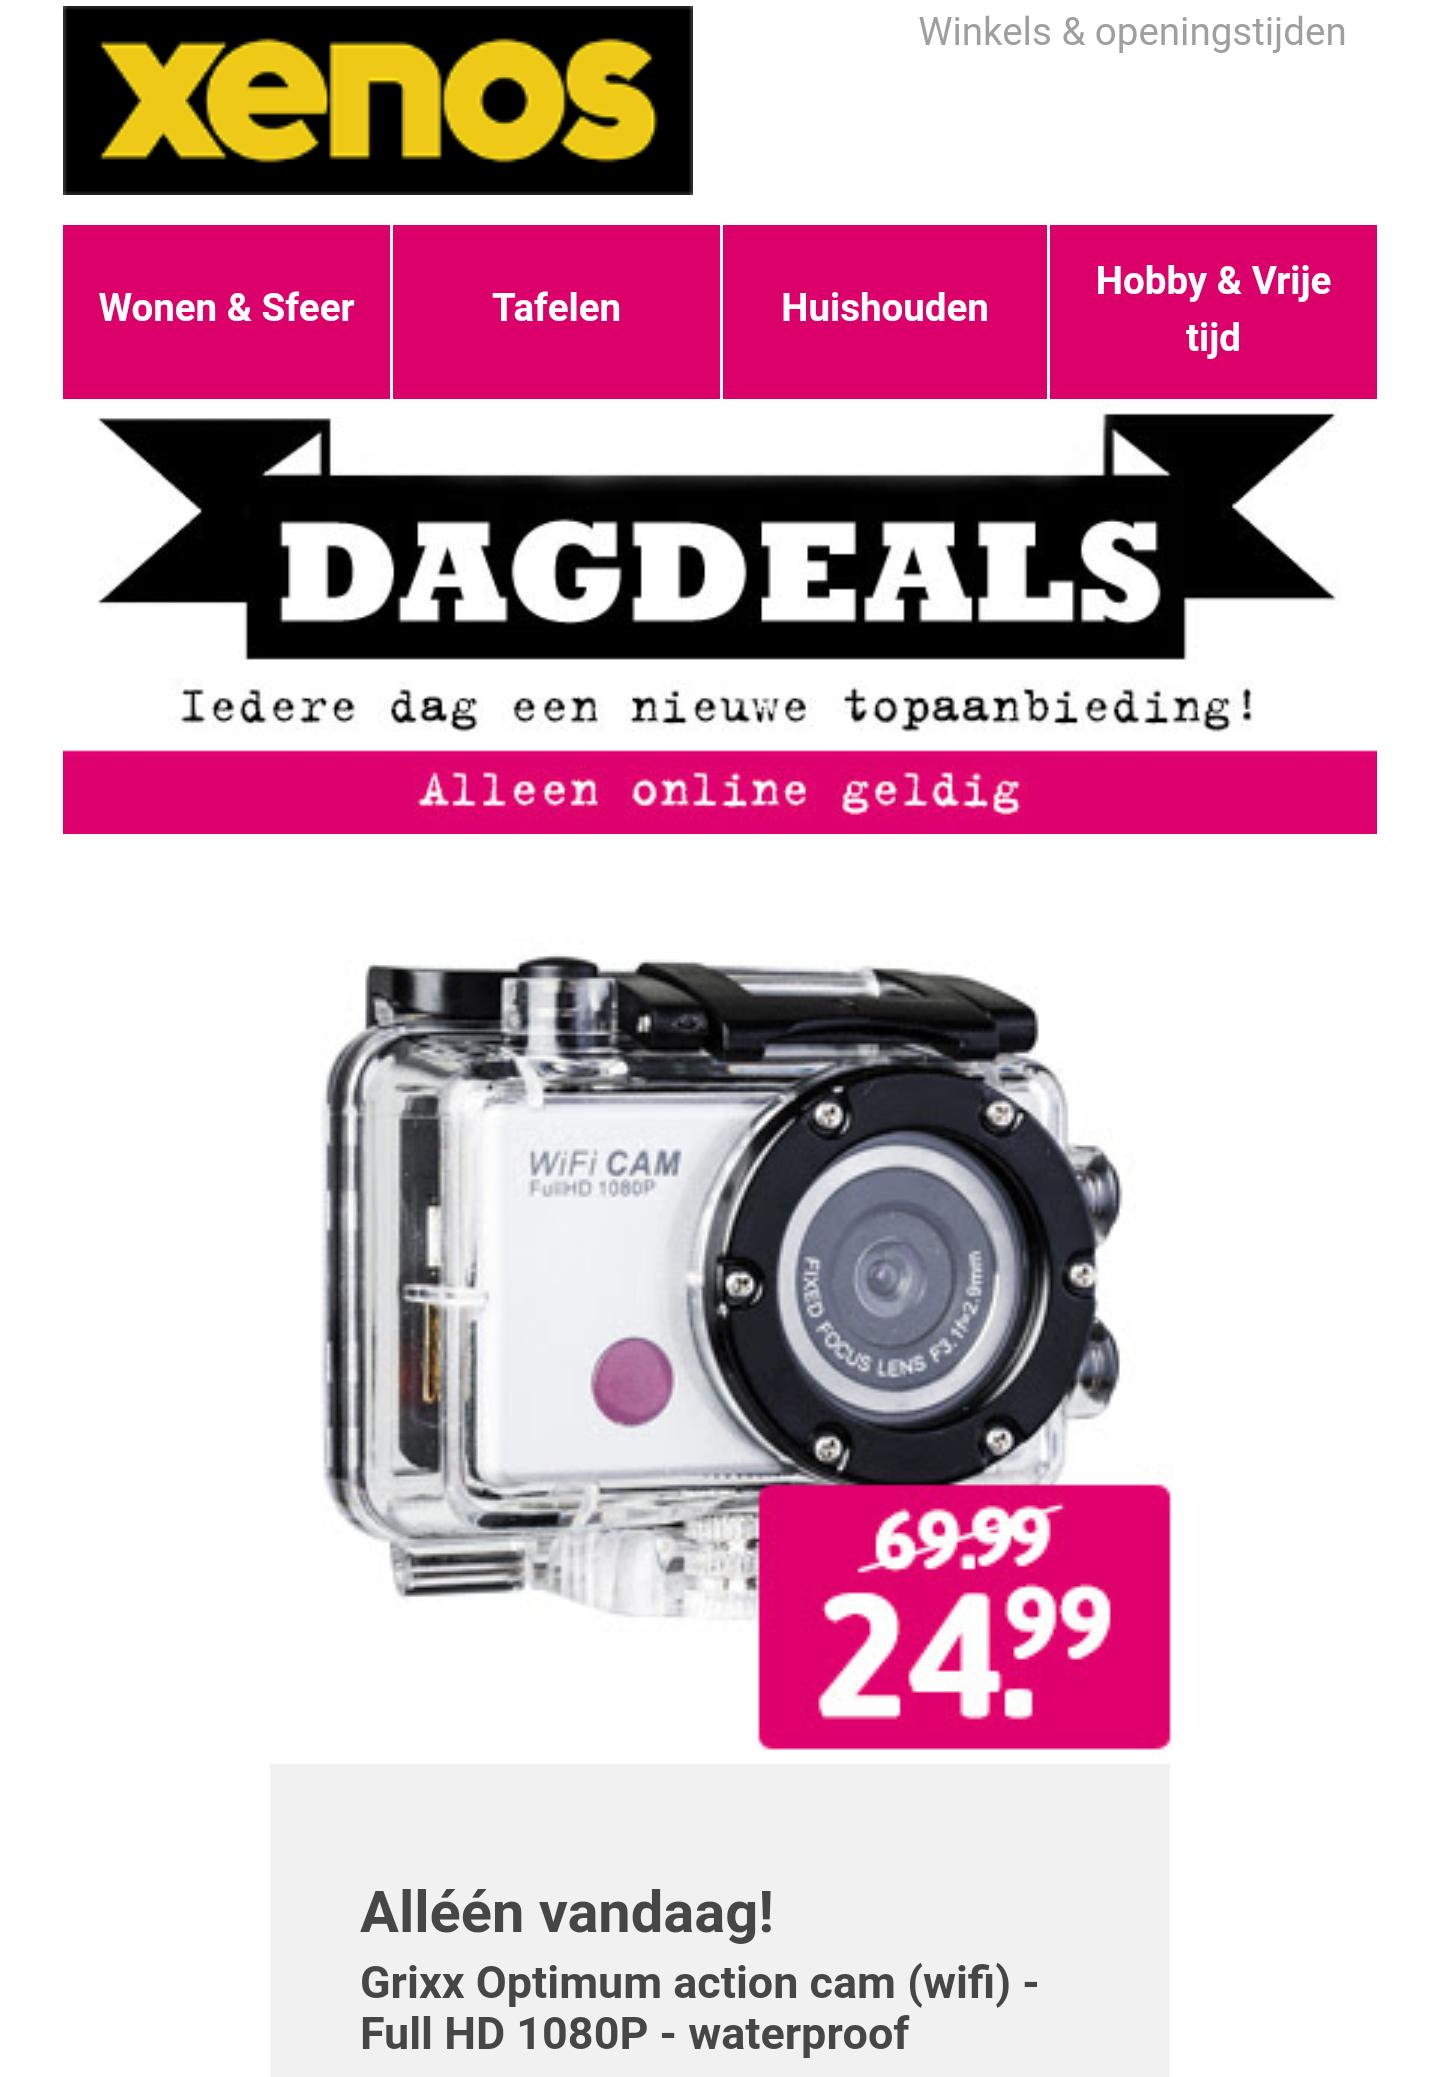 Alleen vandaag Grixx Optimum action cam (wifi) - Full HD 1080P - waterproof voor €19,99 @ Xenos